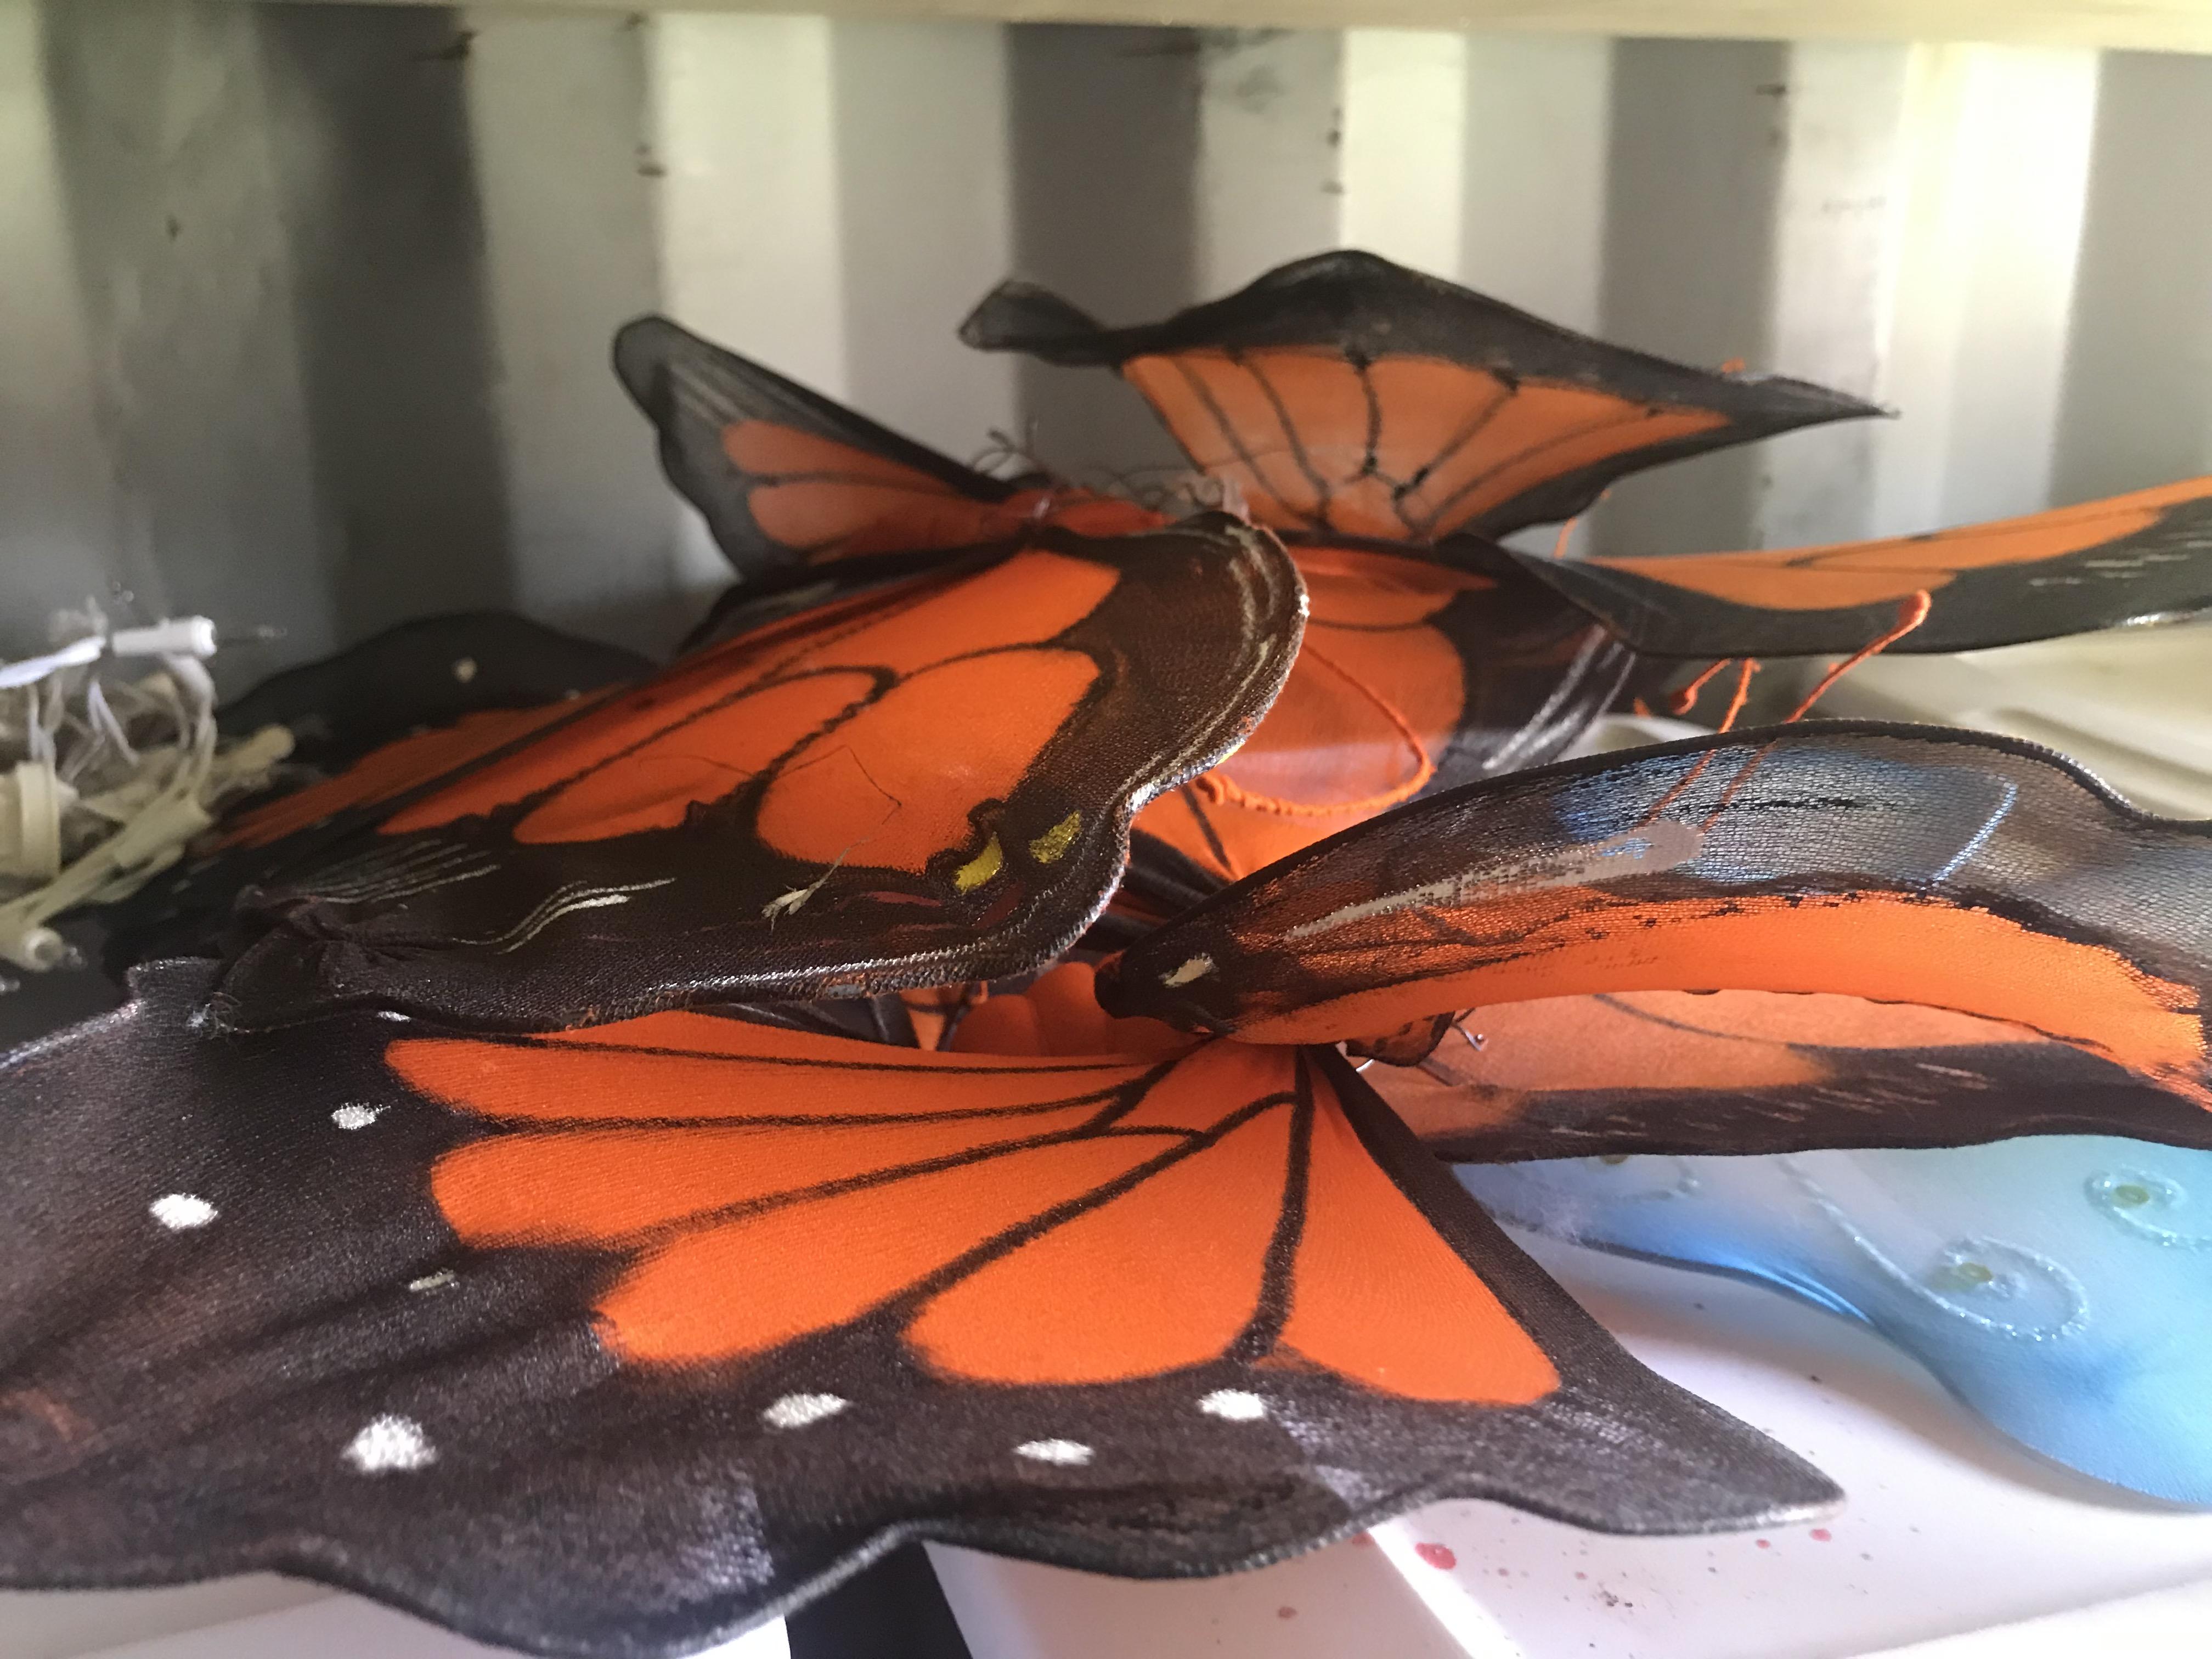 Butterflies - Giant